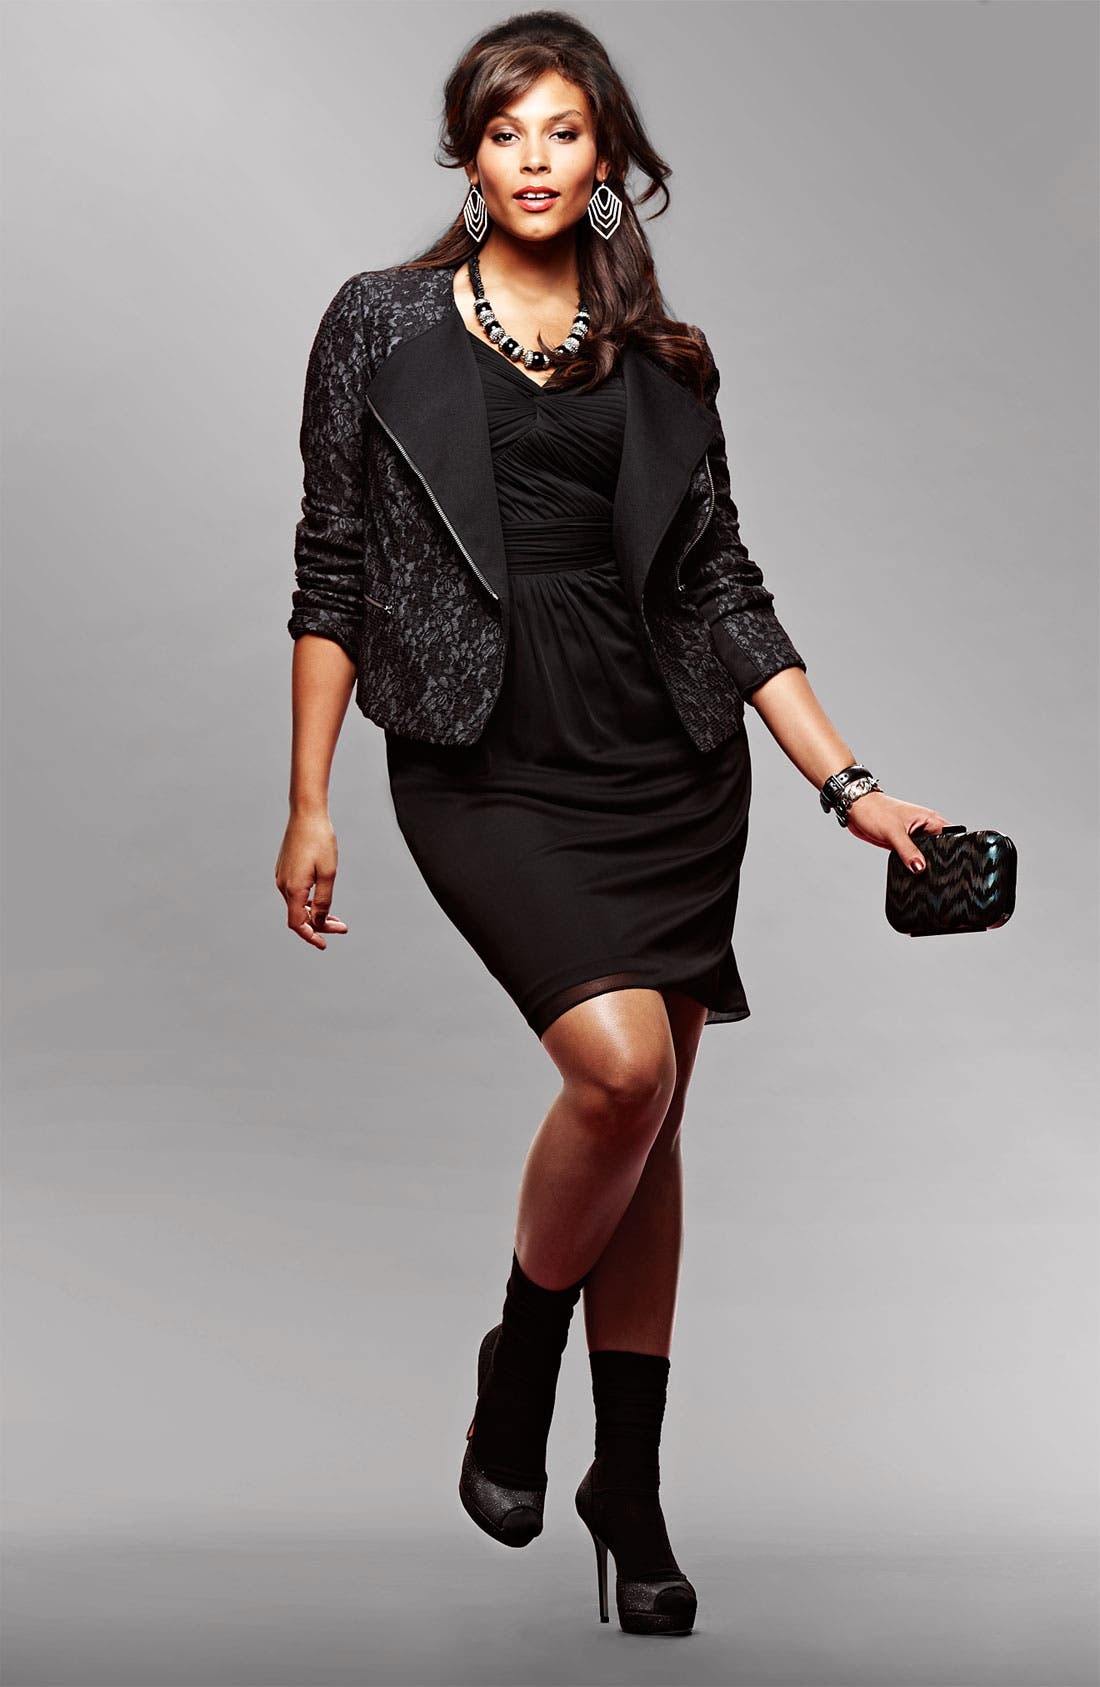 Main Image - Adrianna Papell Dress & DKNYC Jacket